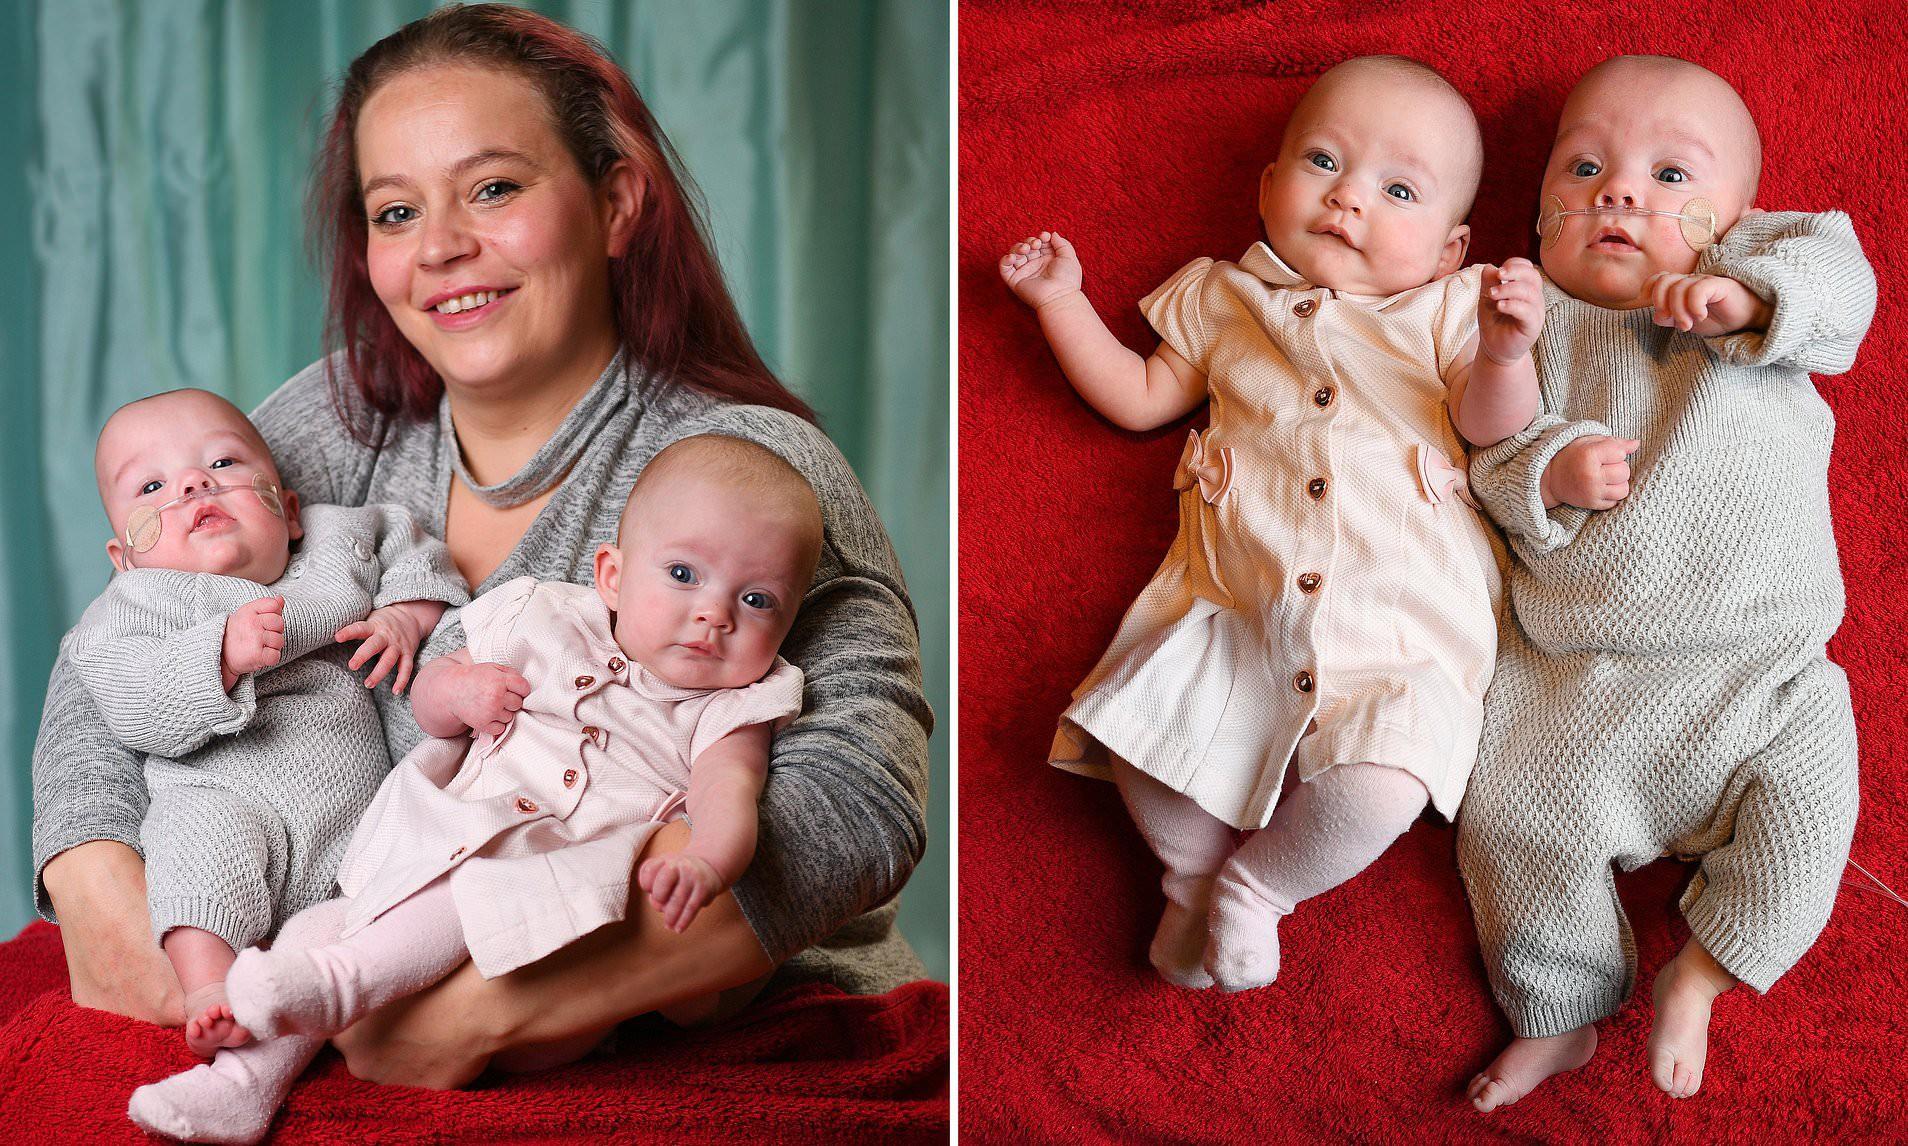 Trường hợp hiếm gặp: Hai bé song sinh chào đời cách nhau đến 11 tuần - Ảnh 4